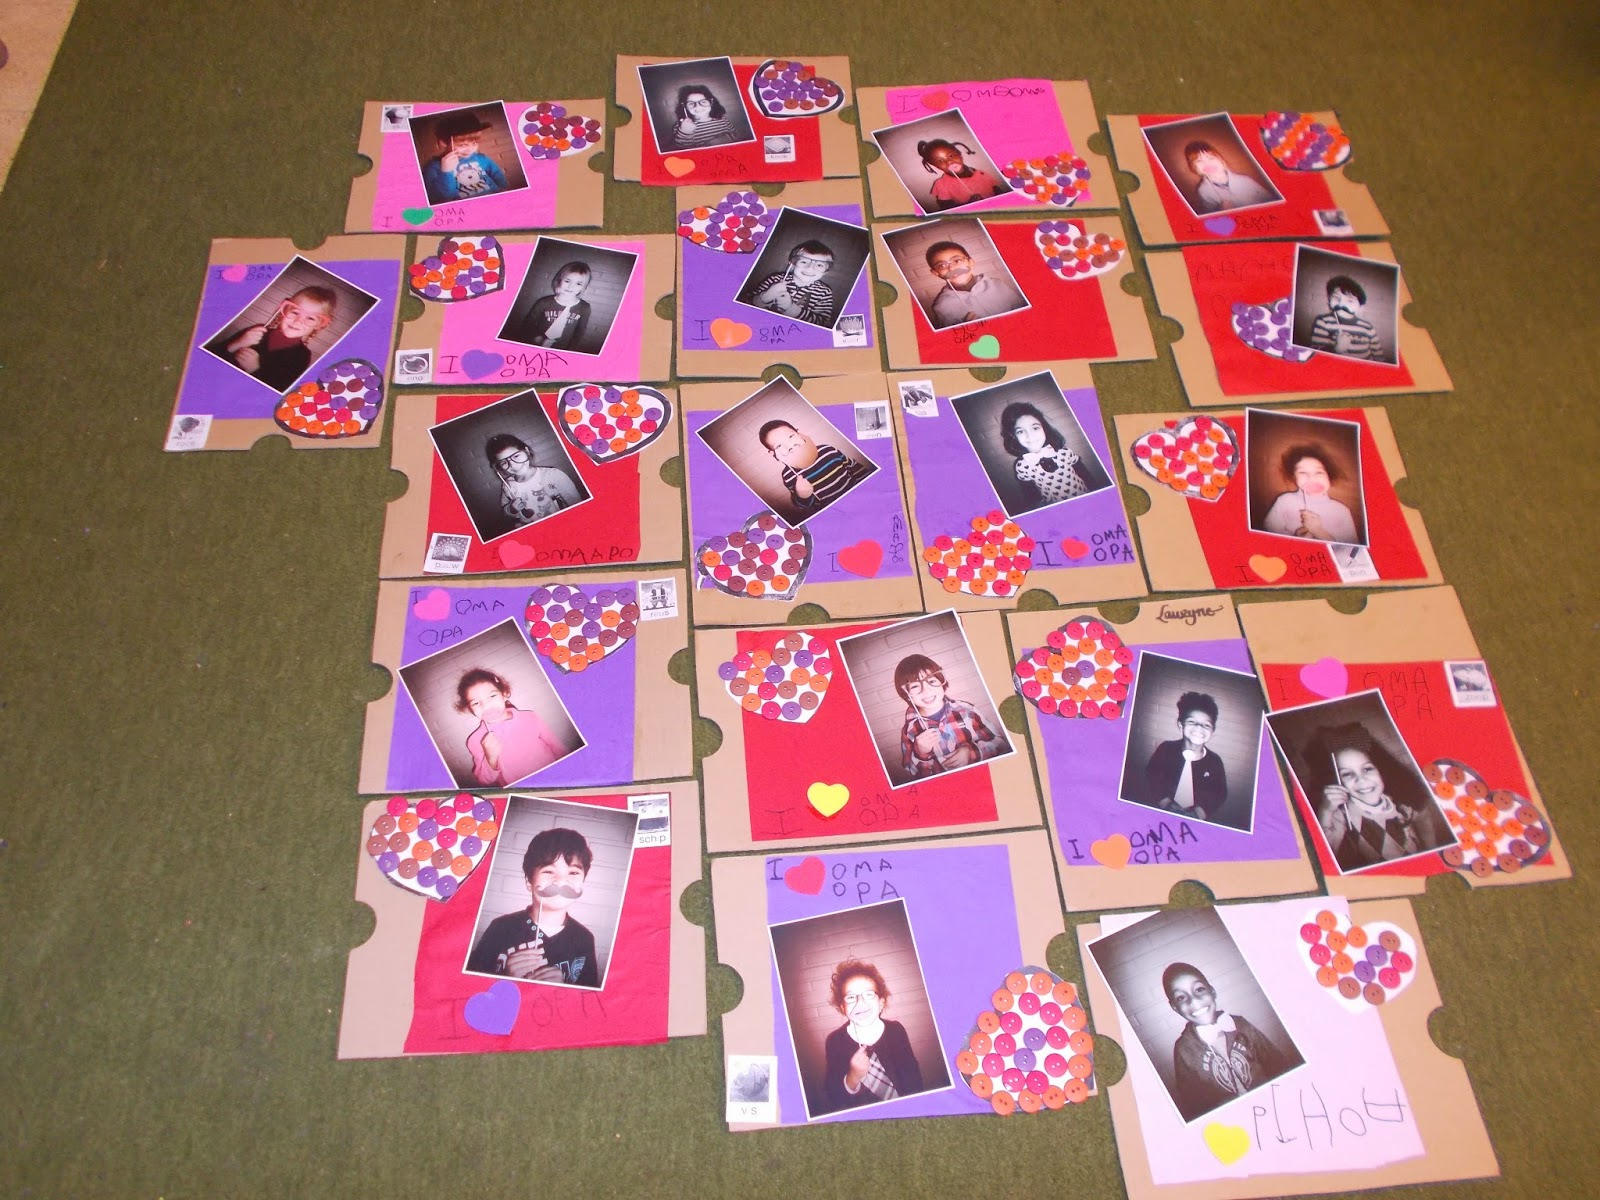 Bedwelming Knutselen Voor Opa Verjaardag Ruv58 Agneswamu